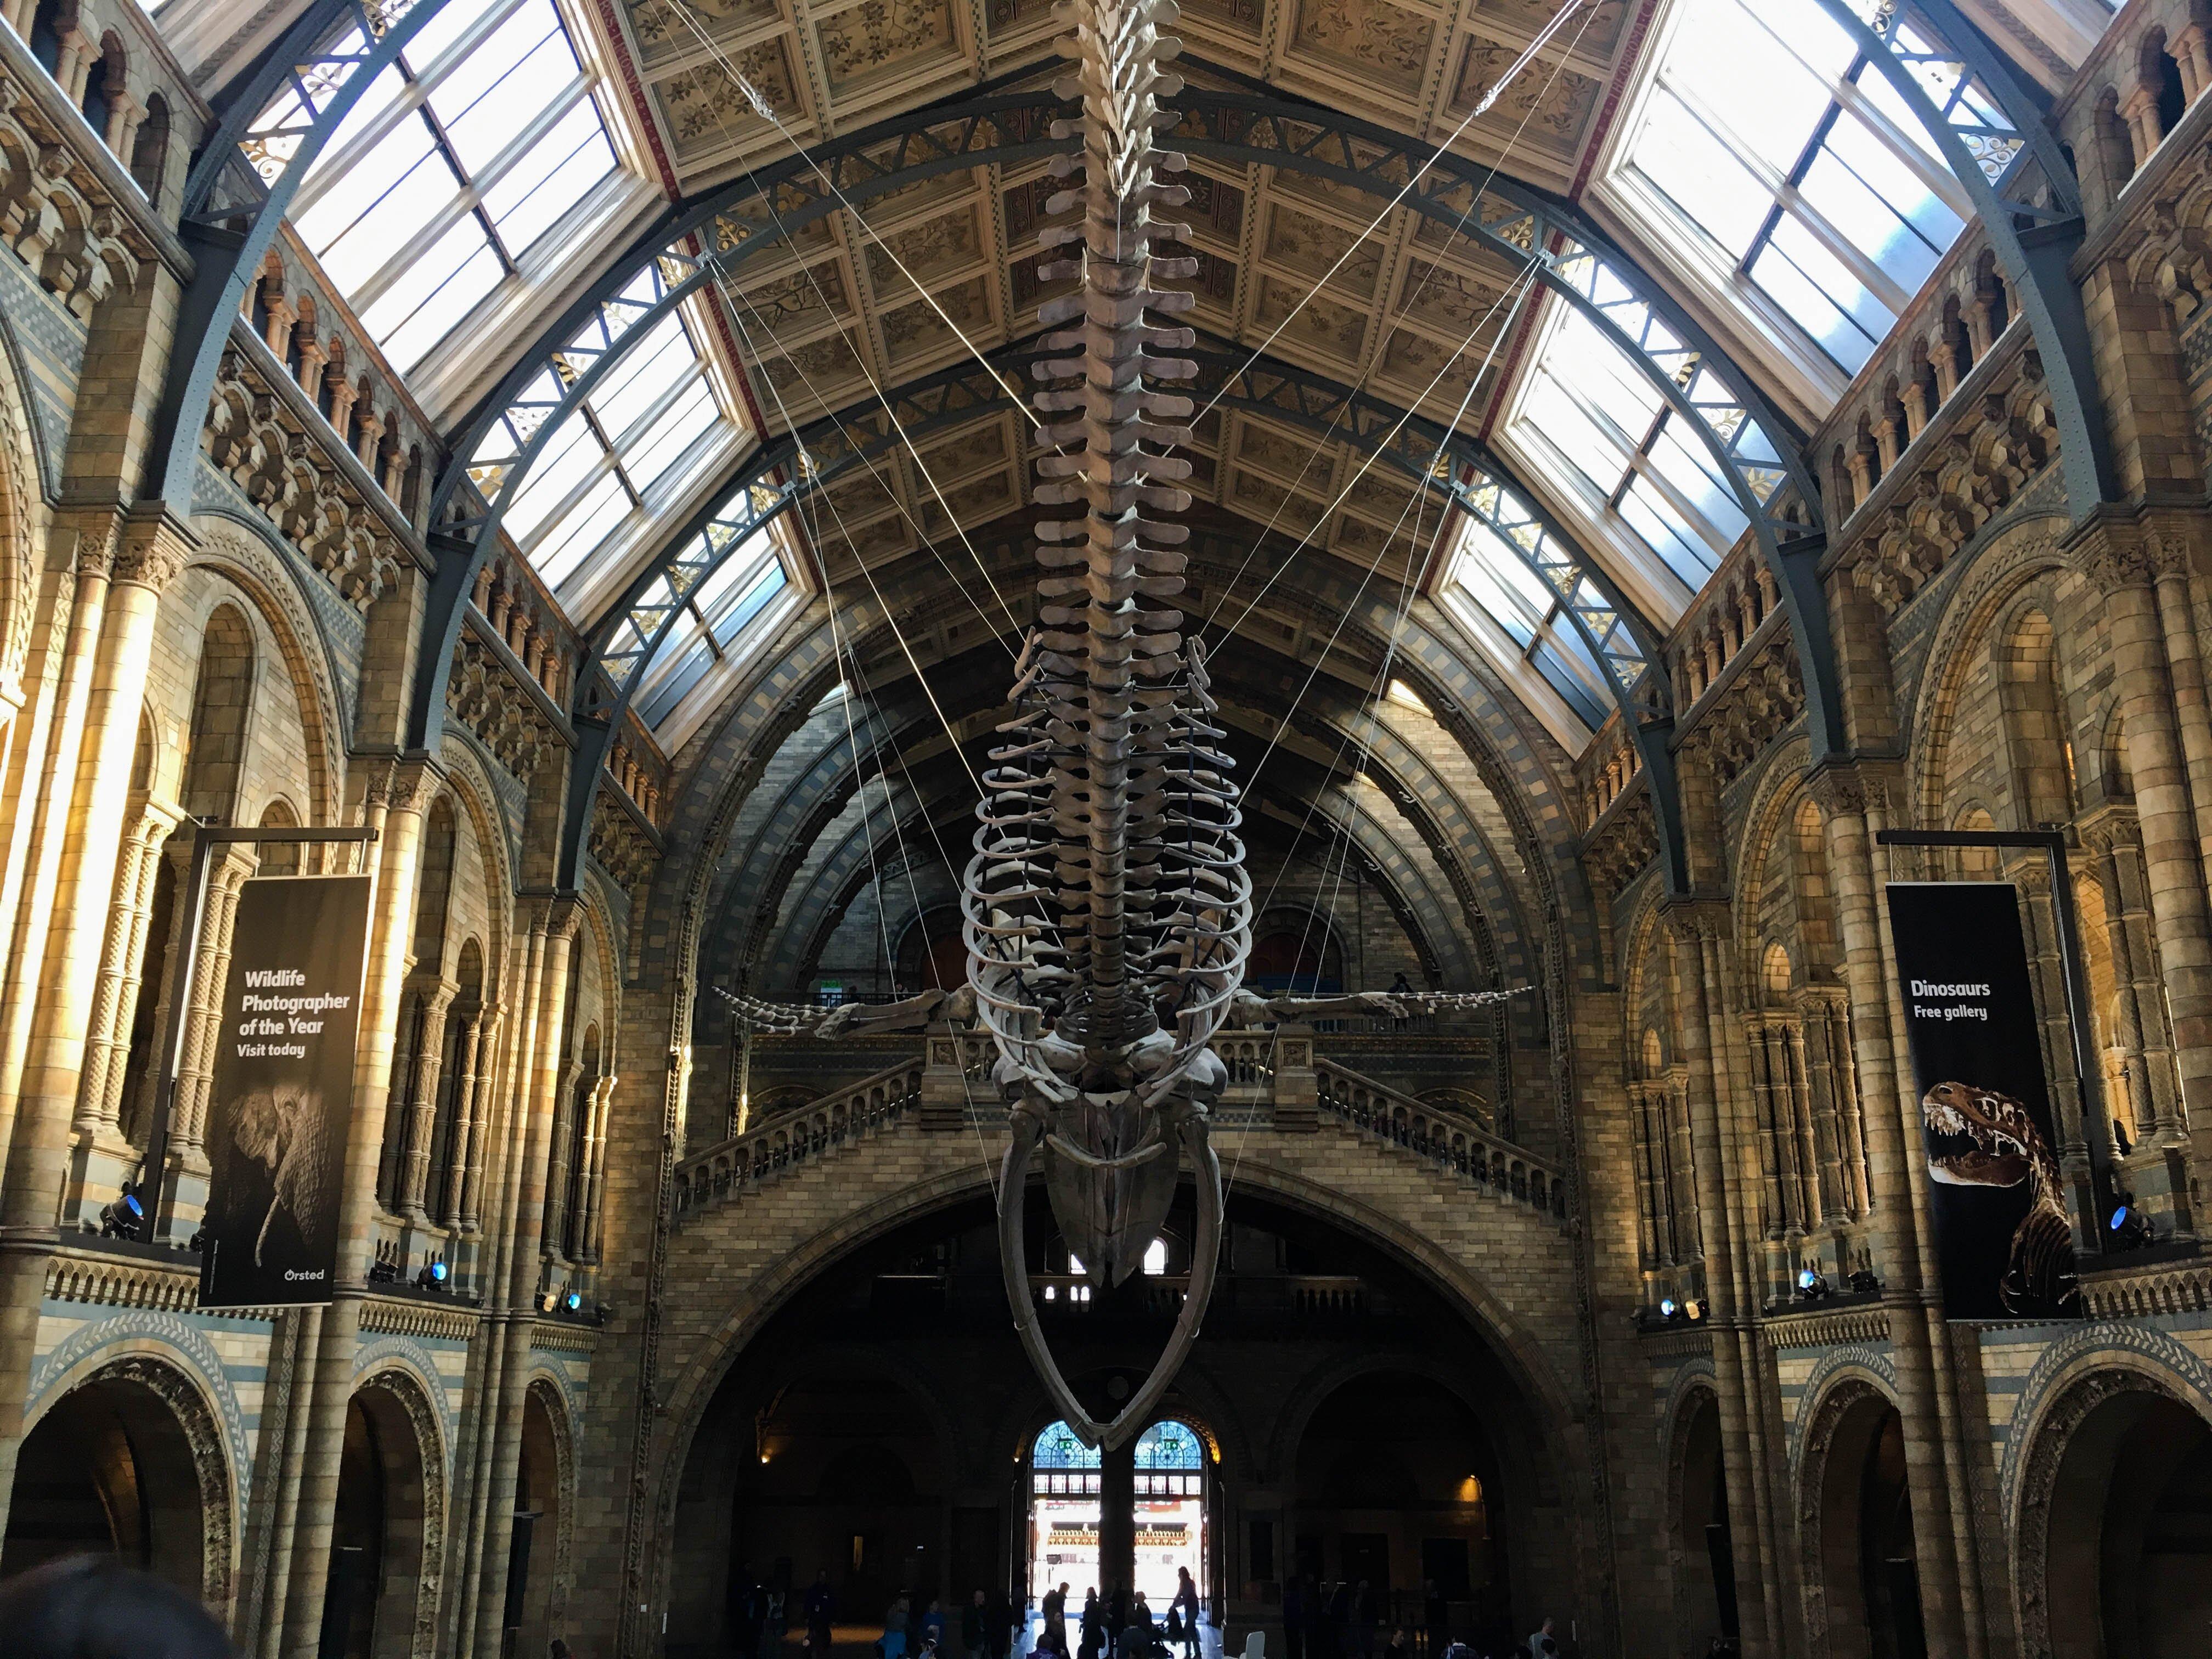 Londyn, Subiektywny przewodnik po Londynie, Gmale Goes To London, Bloger modowy w Londynie, Jak się ubrać do Londynu, Moda męska, Muzeum Historii Naturalnej